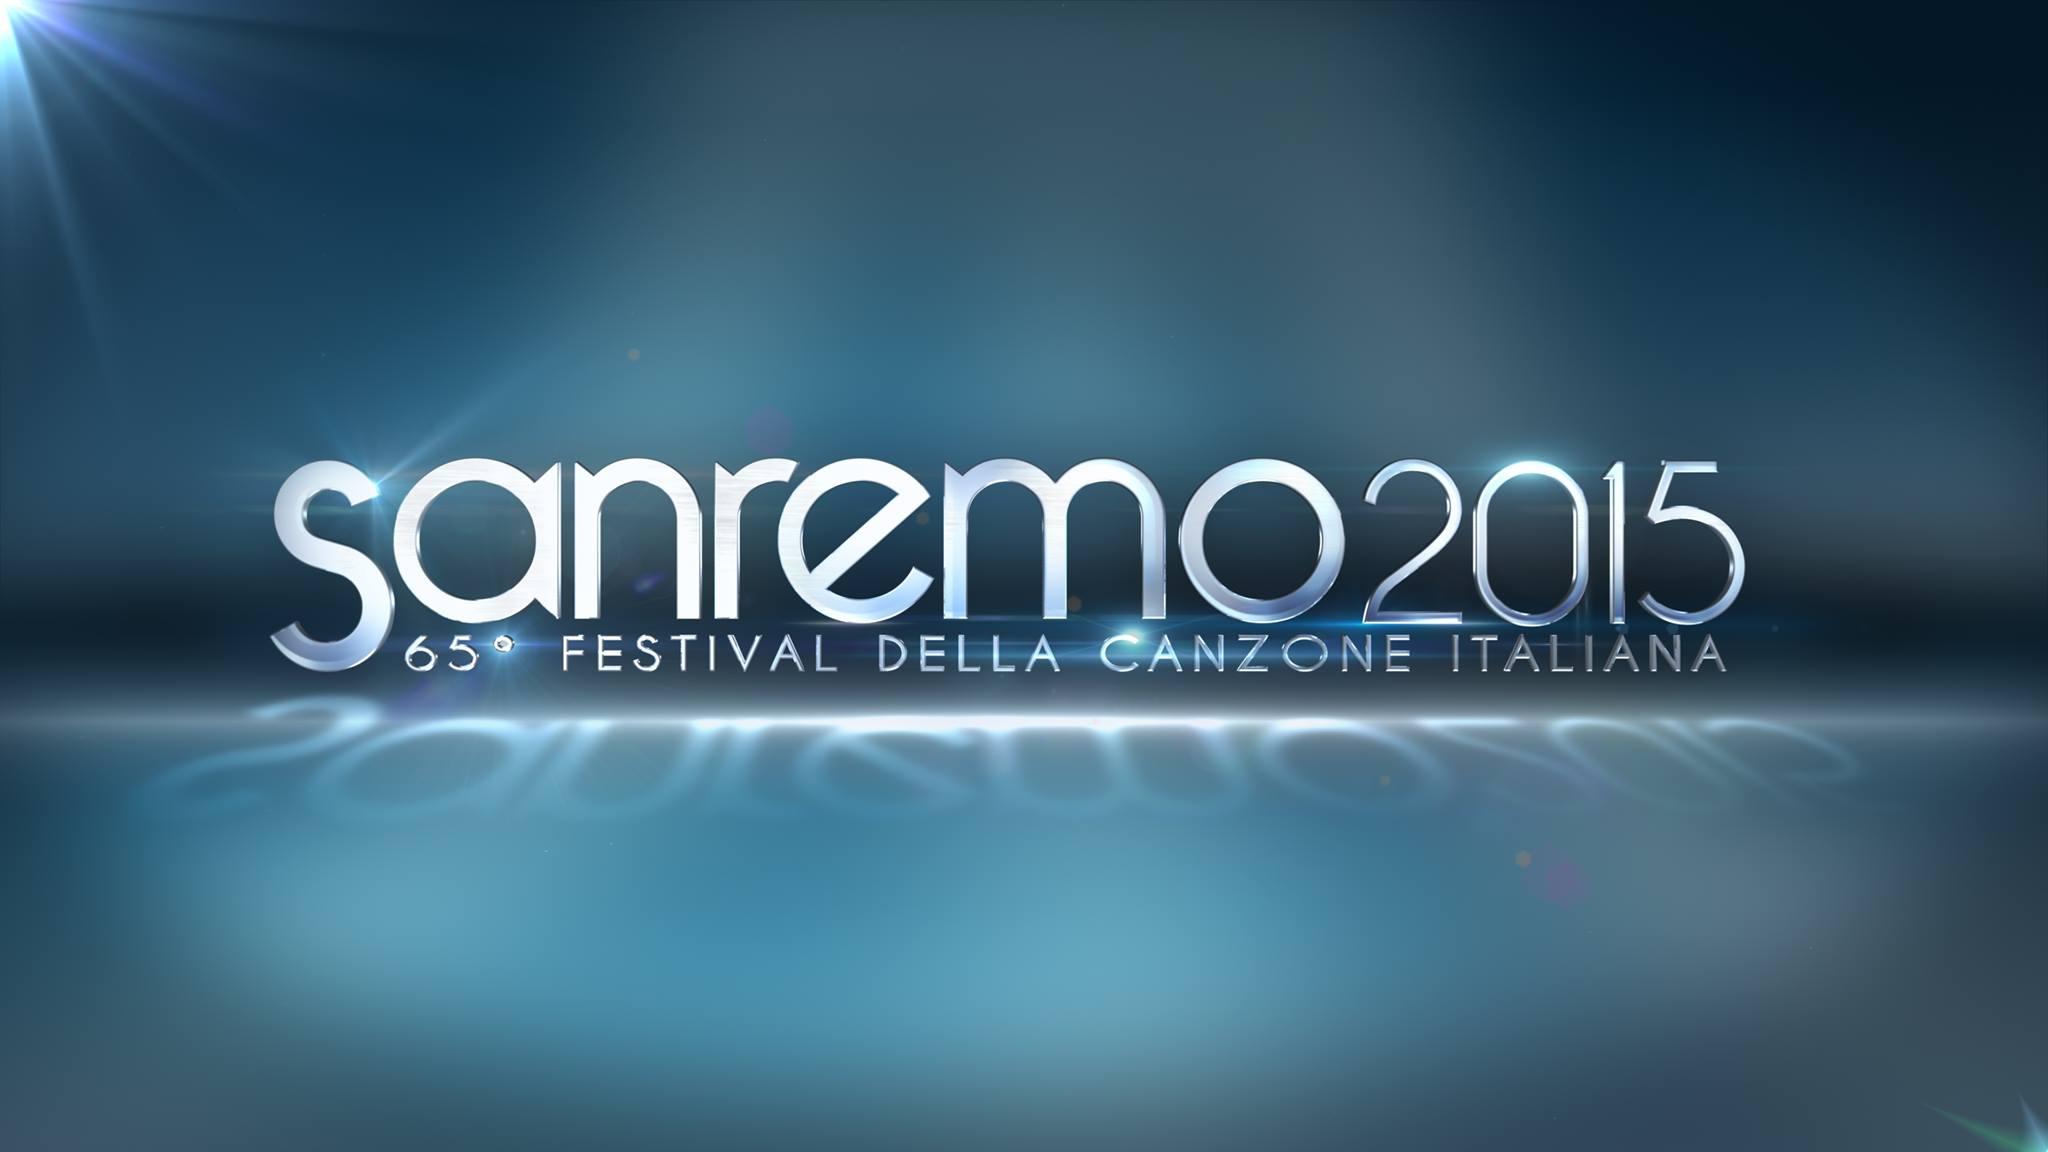 Dal 10 al 14 febbraio Sanremo sarà la capitale della kermesse musicale più seguita d'Italia